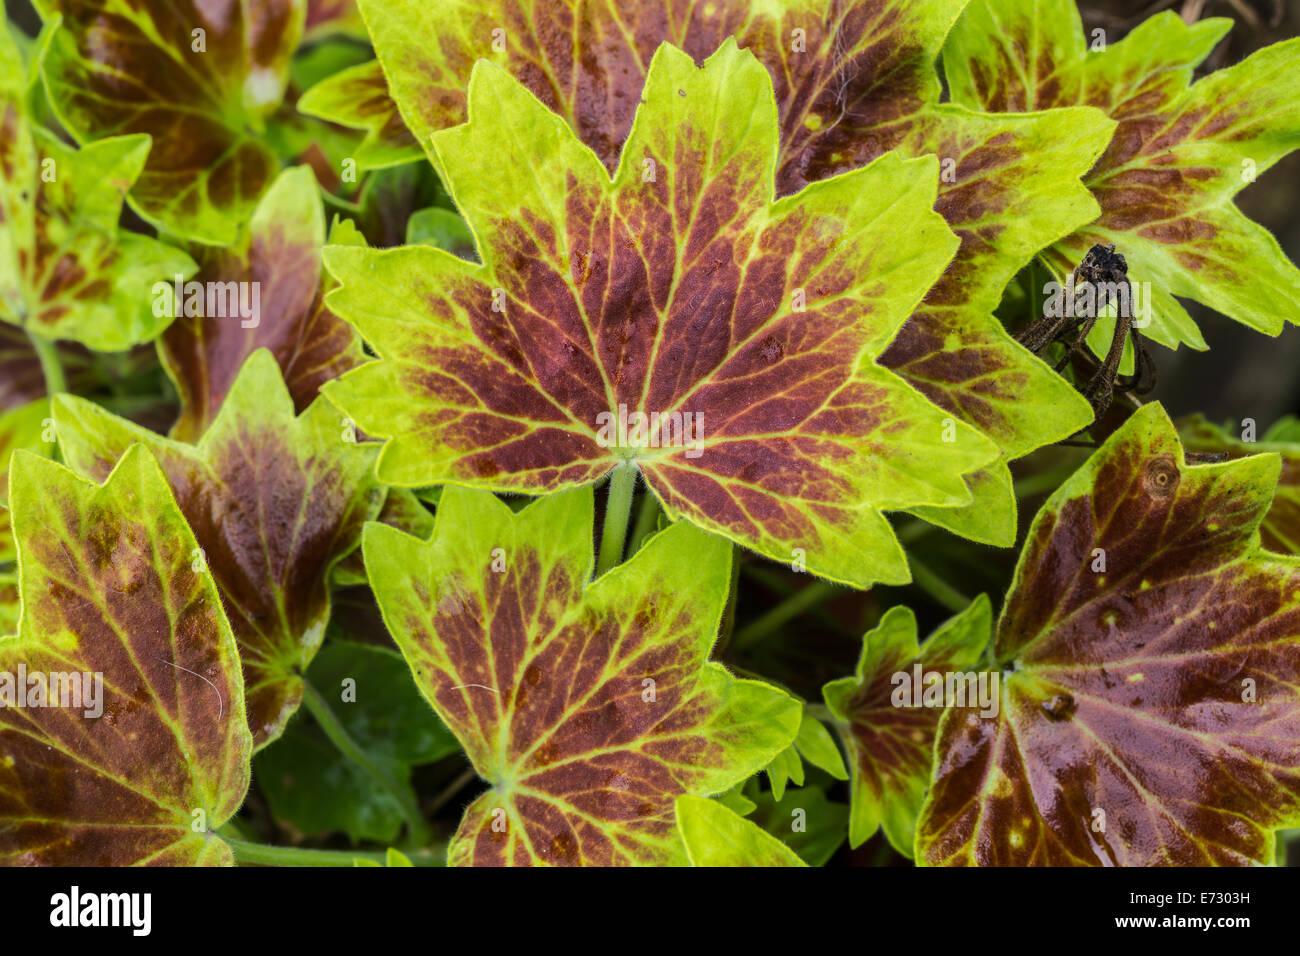 Variegated Leaf Geranium Stock Photos & Variegated Leaf ...